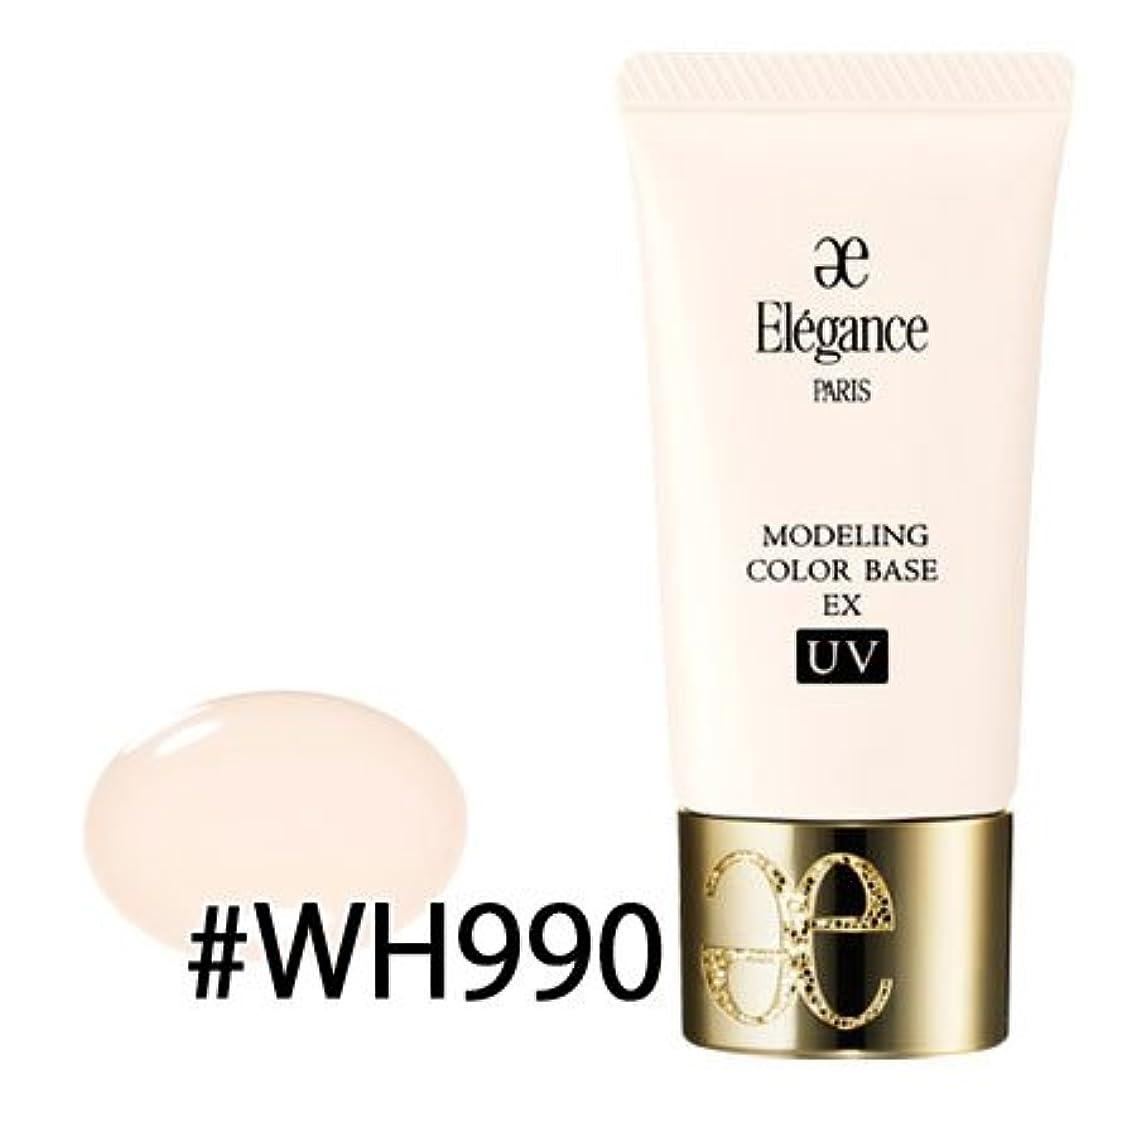 挑むブランデーお手入れエレガンス モデリング カラーベース EX UV #WH990